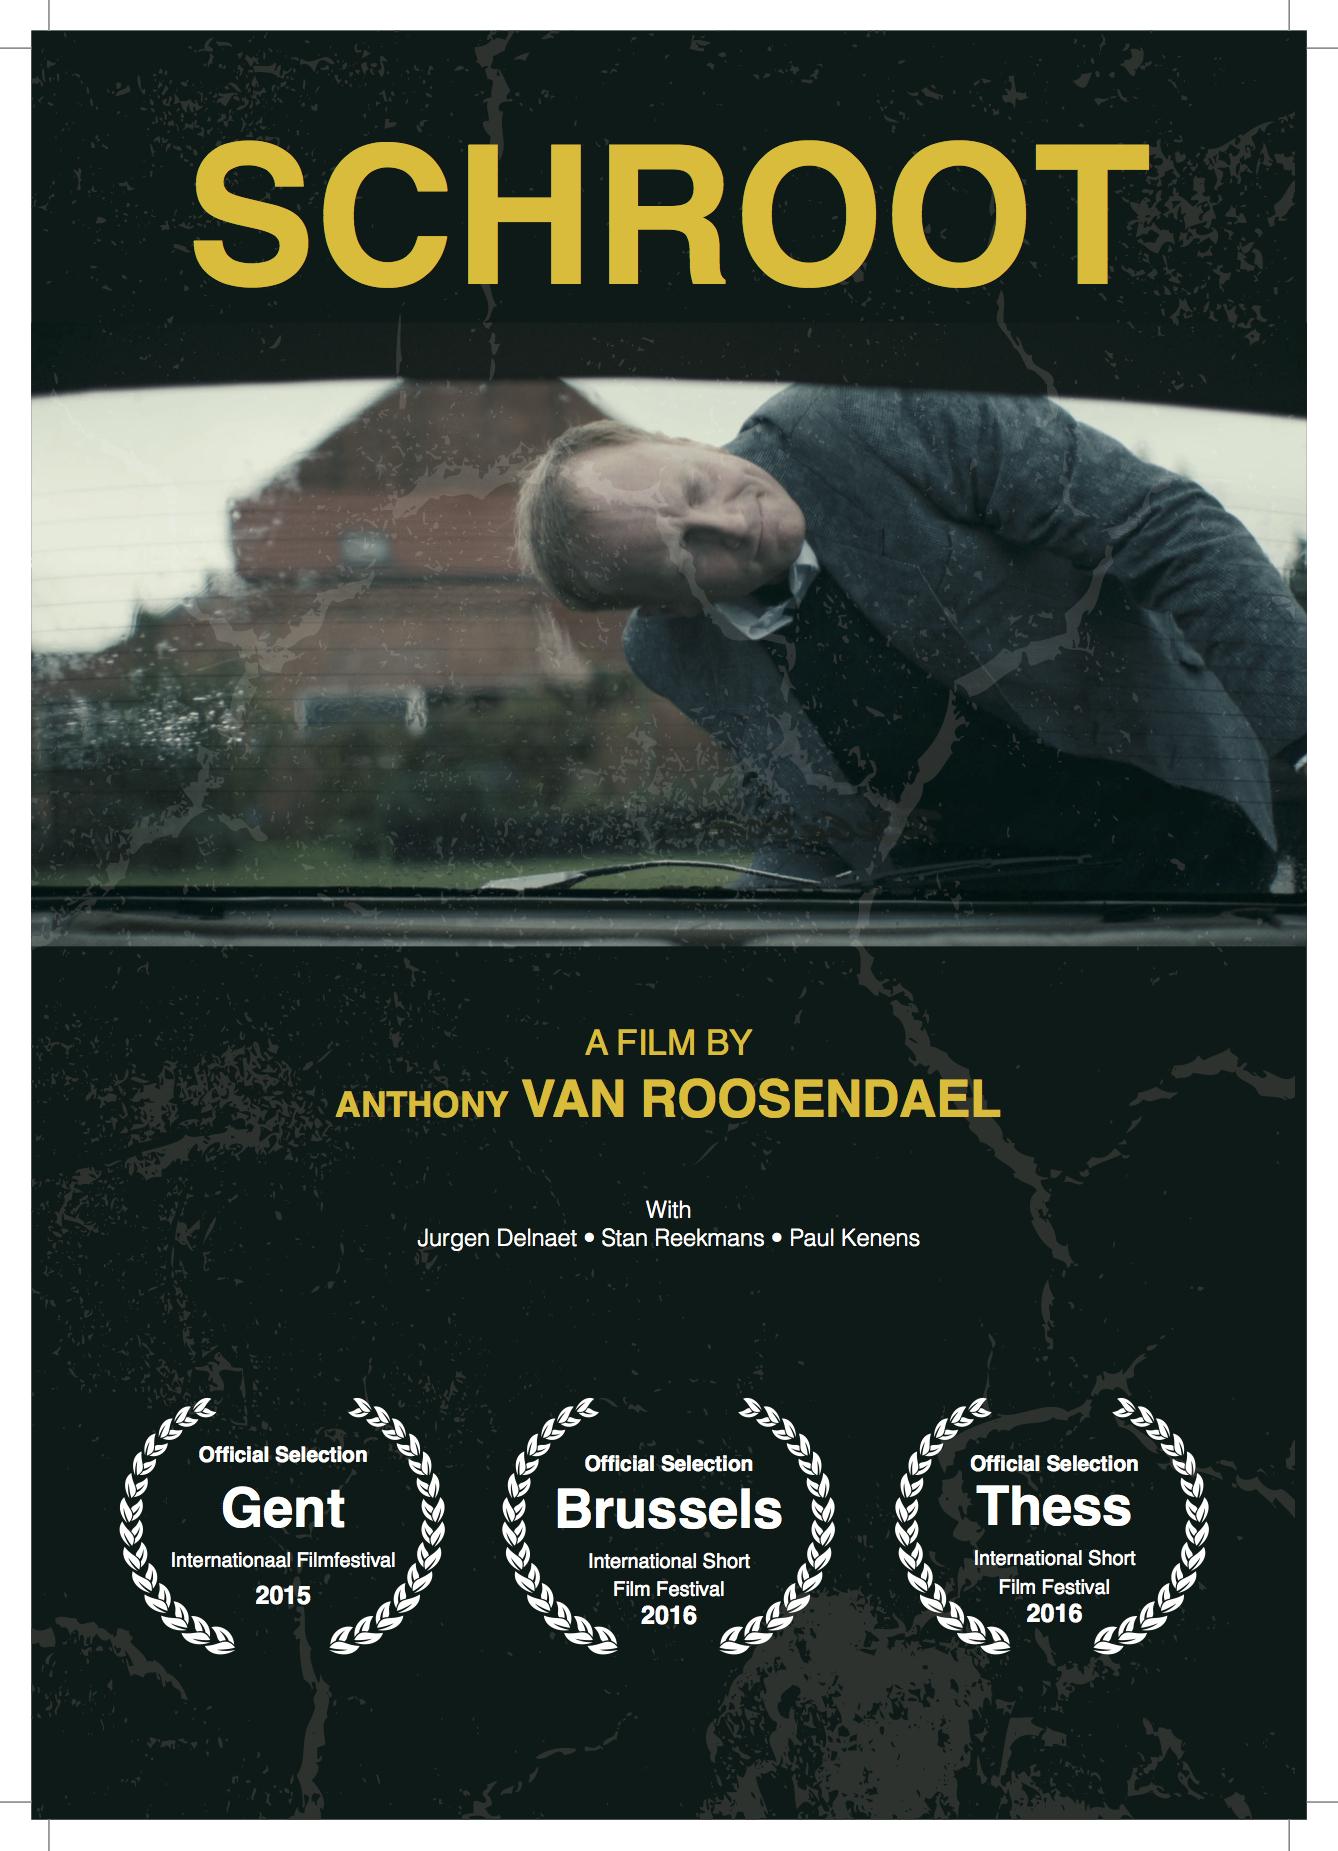 SCHROOT de Anthony Van Roosendael sera sur les écrans suisses, sur la SRF !